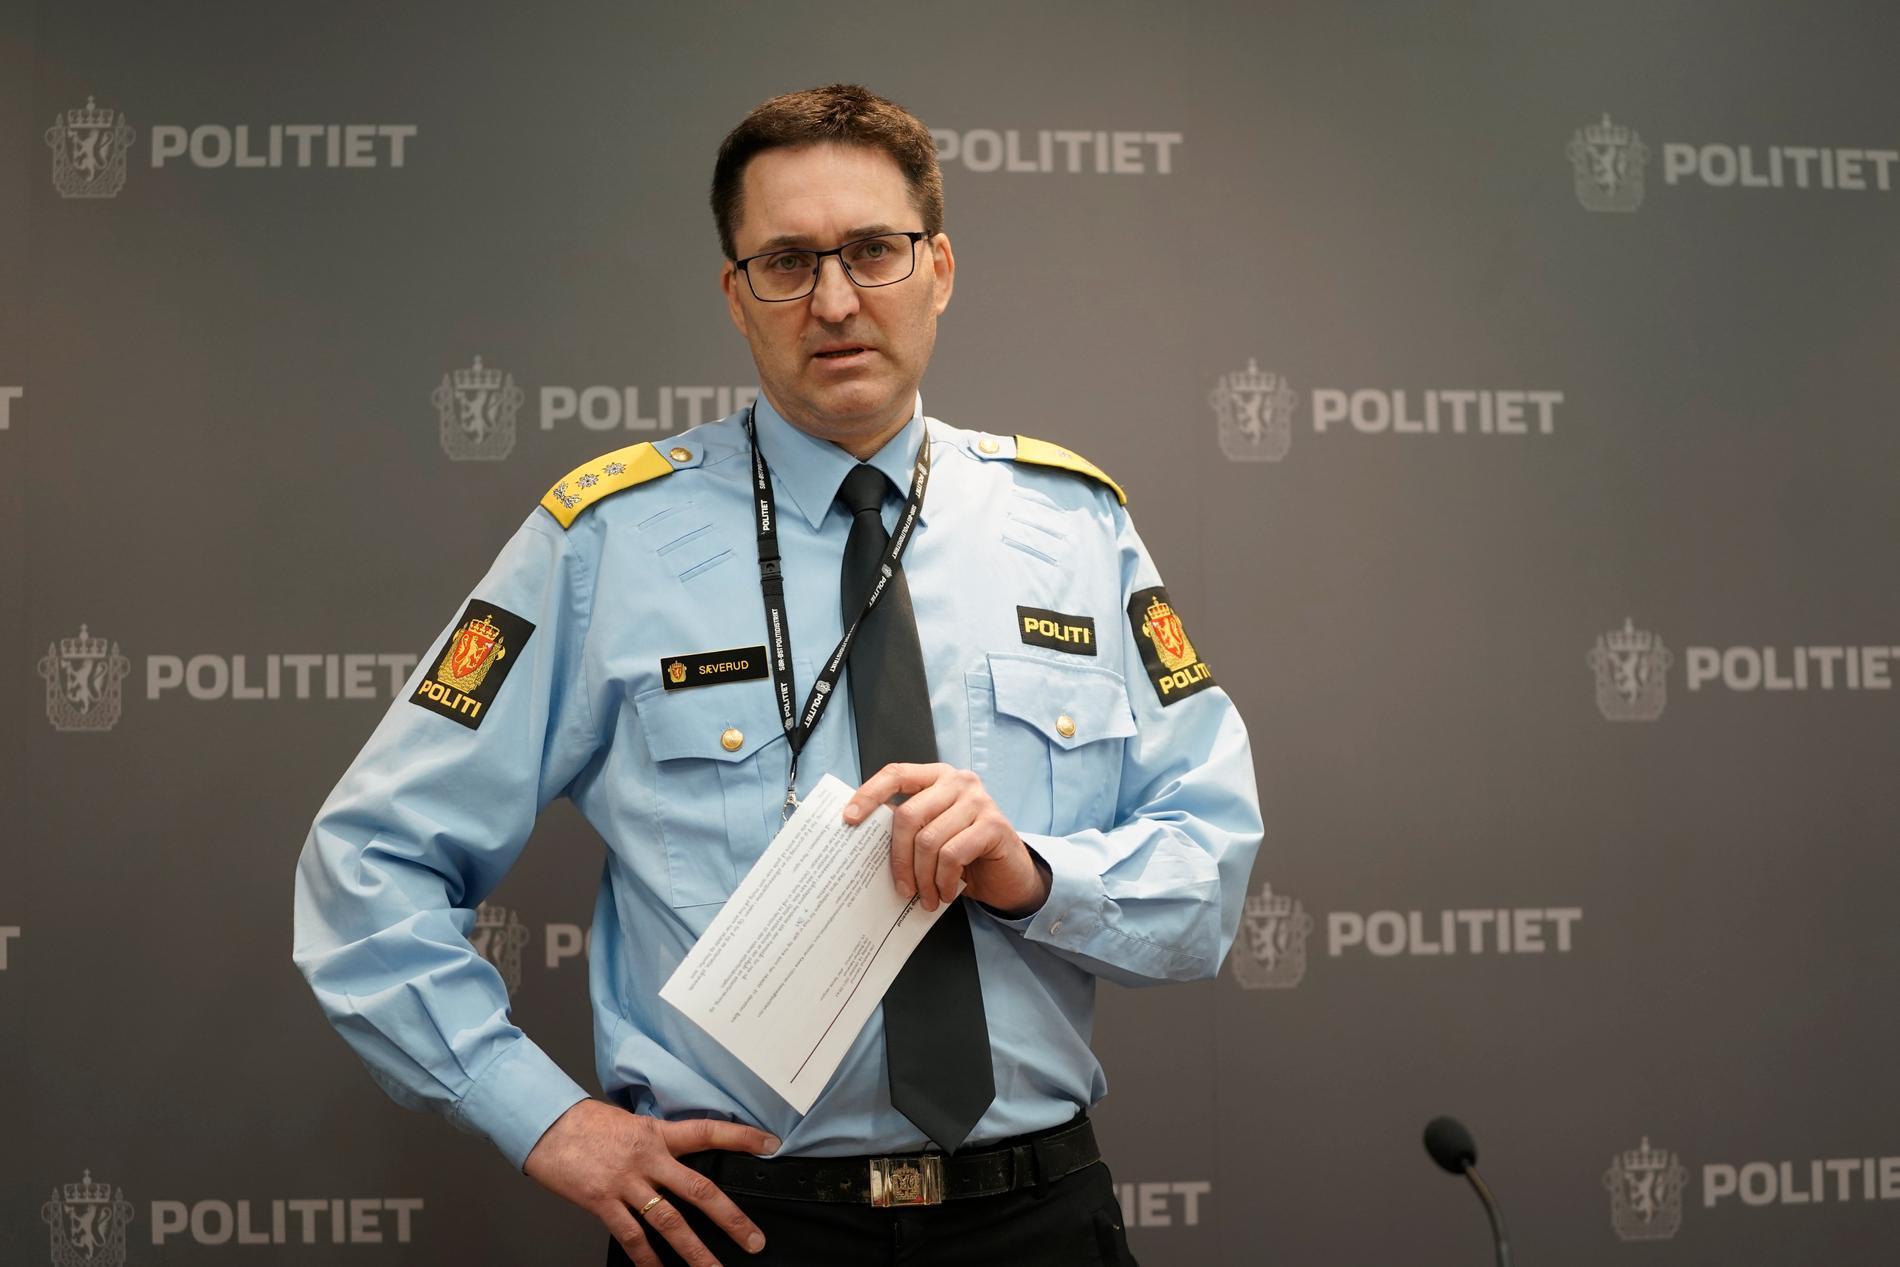 Polischef Ole Bredrup Sæverud.